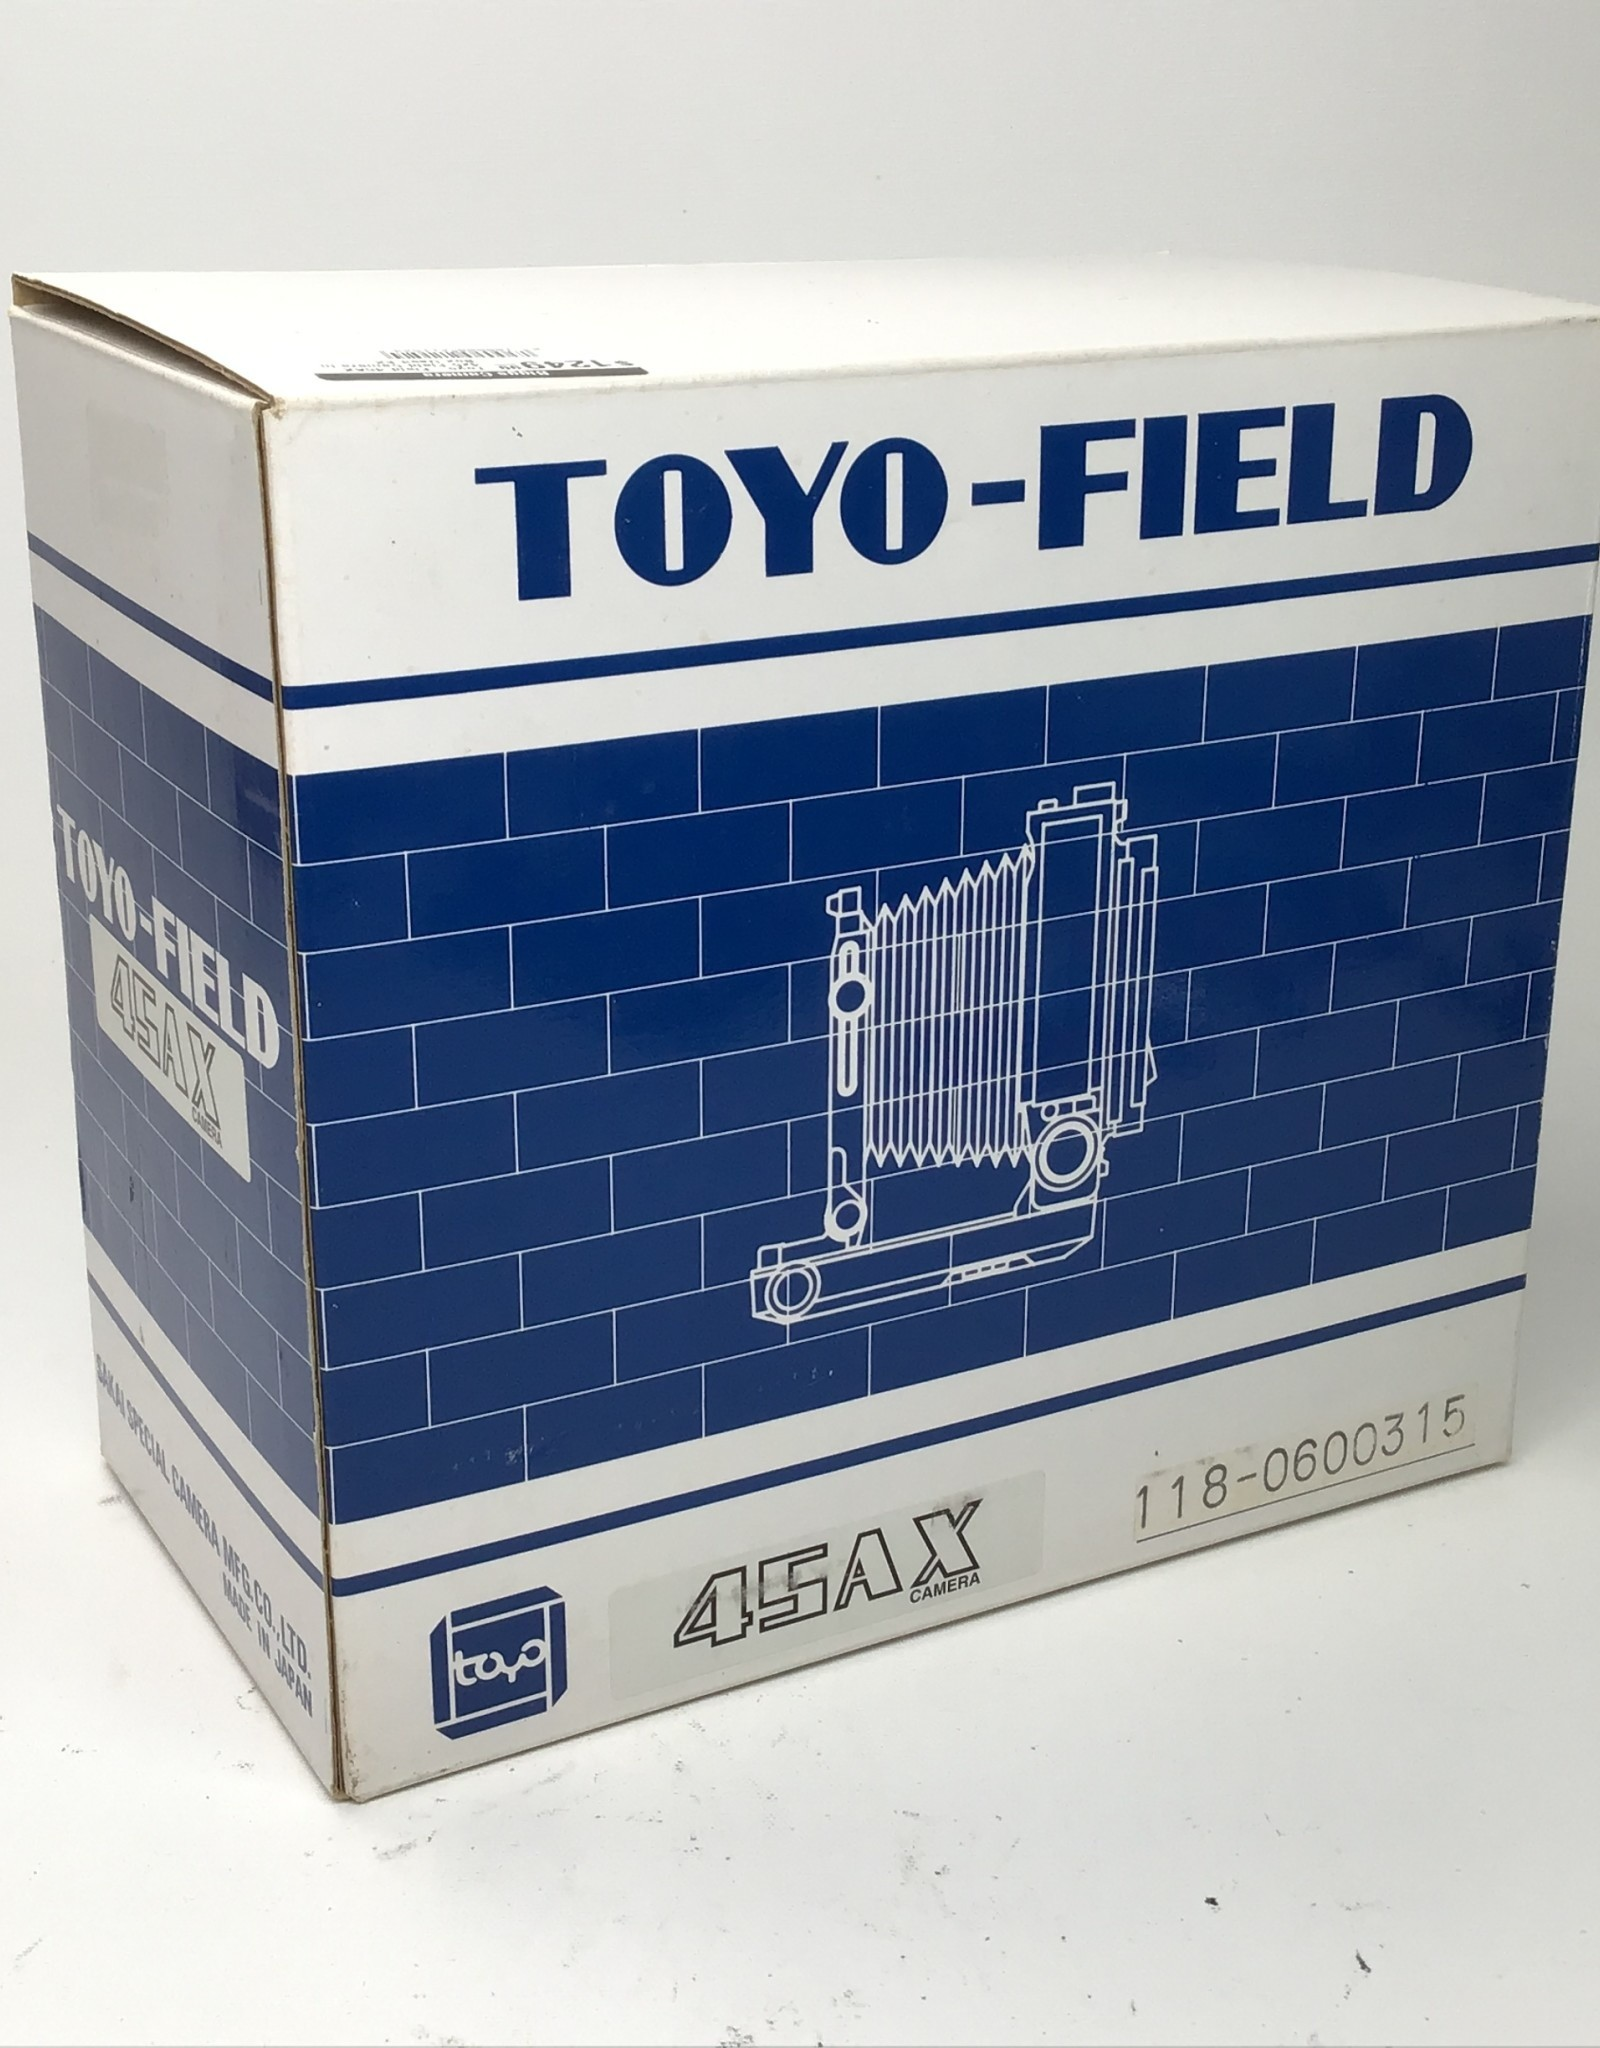 Toyo Toyo-Field 45AX 4x5 Field Camera in Box Used EX